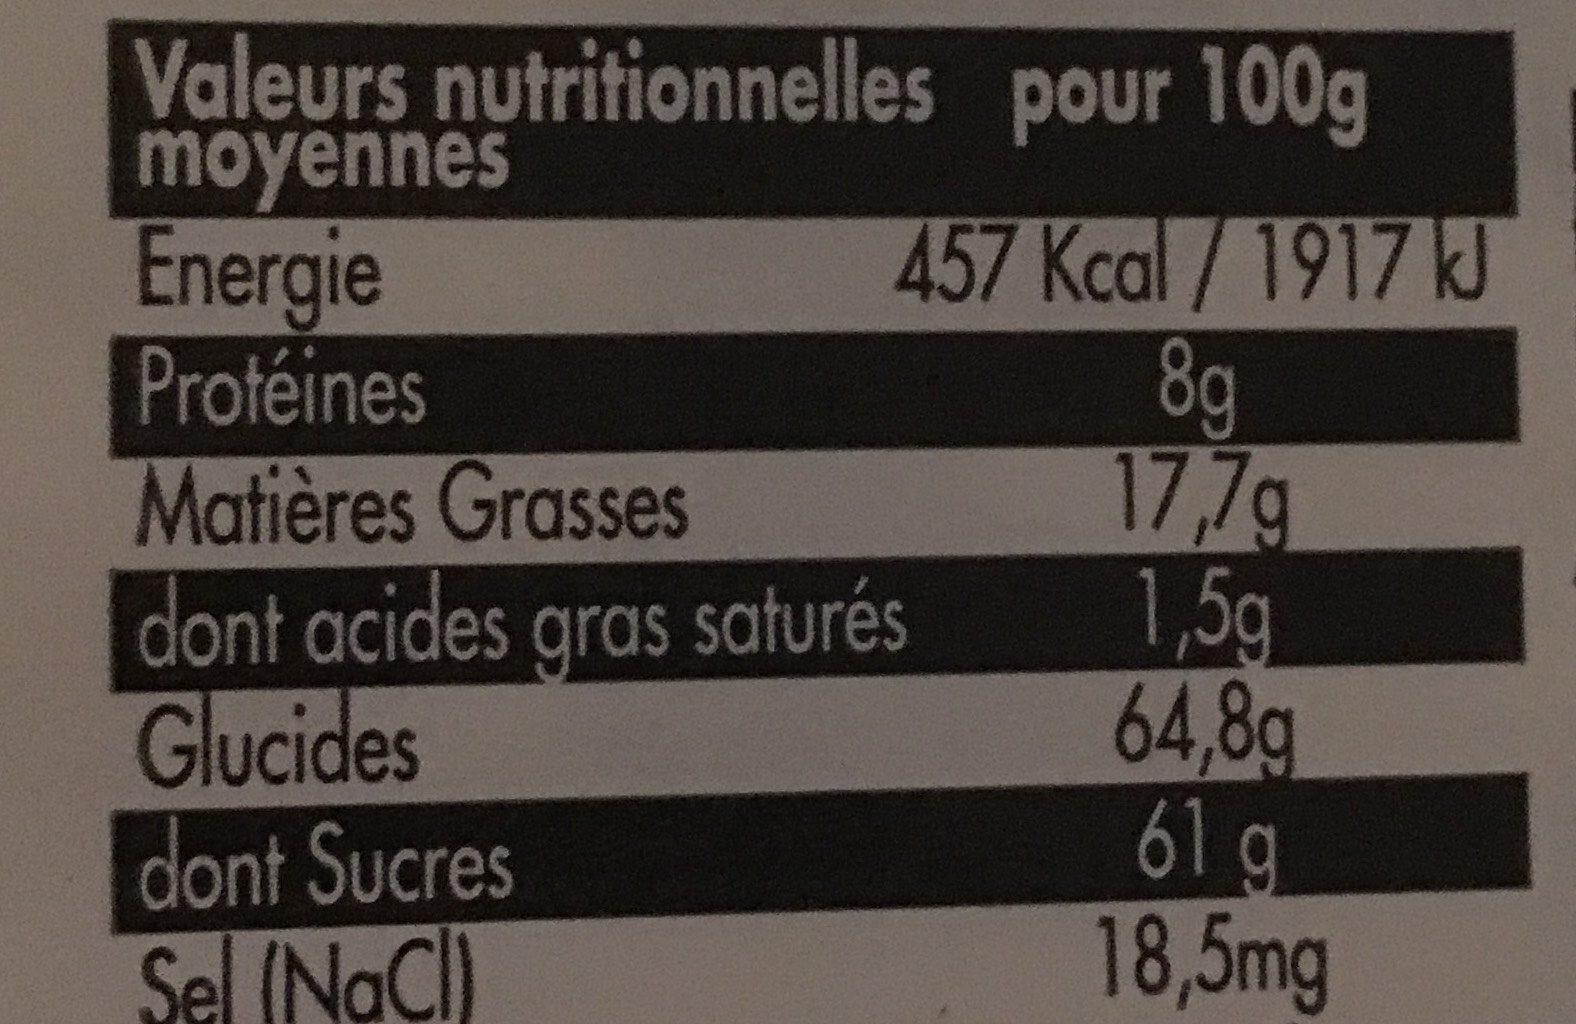 Nougat blanc fabrique en haute Provence - Informations nutritionnelles